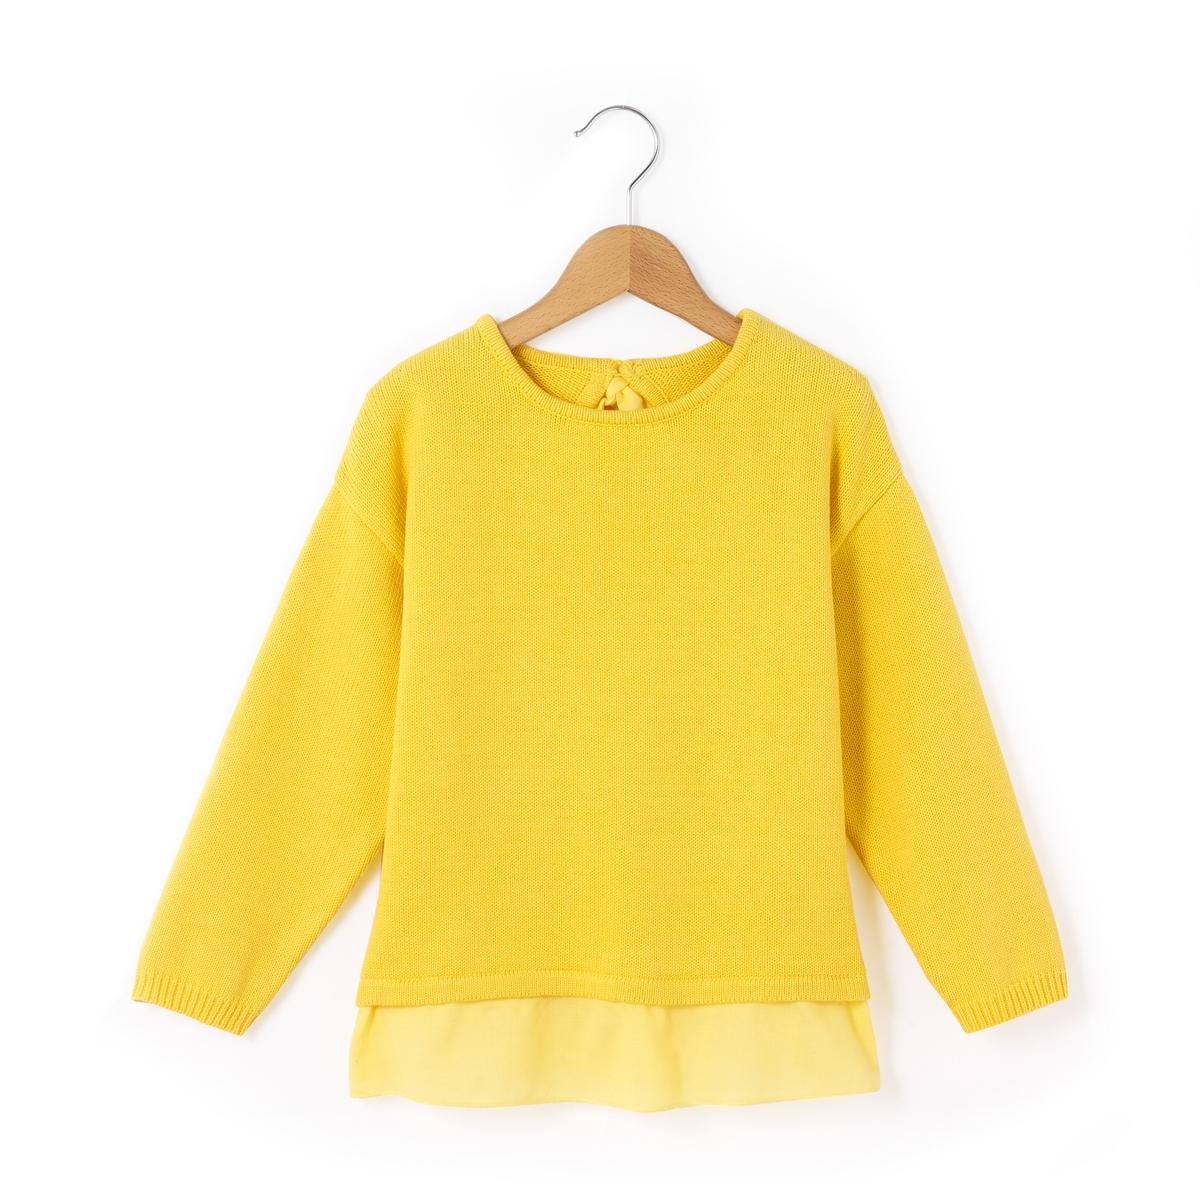 Пуловер с воланом снизу 3-12 летСостав и описаниеМатериал       100% хлопокМарка        AbcdRУходСтирать и гладить с изнаночной стороныМашинная стирка при 30 °C с вещами схожих цветовМашинная сушка в умеренном режимеГладить при средней температуре.<br><br>Цвет: желтый шафран